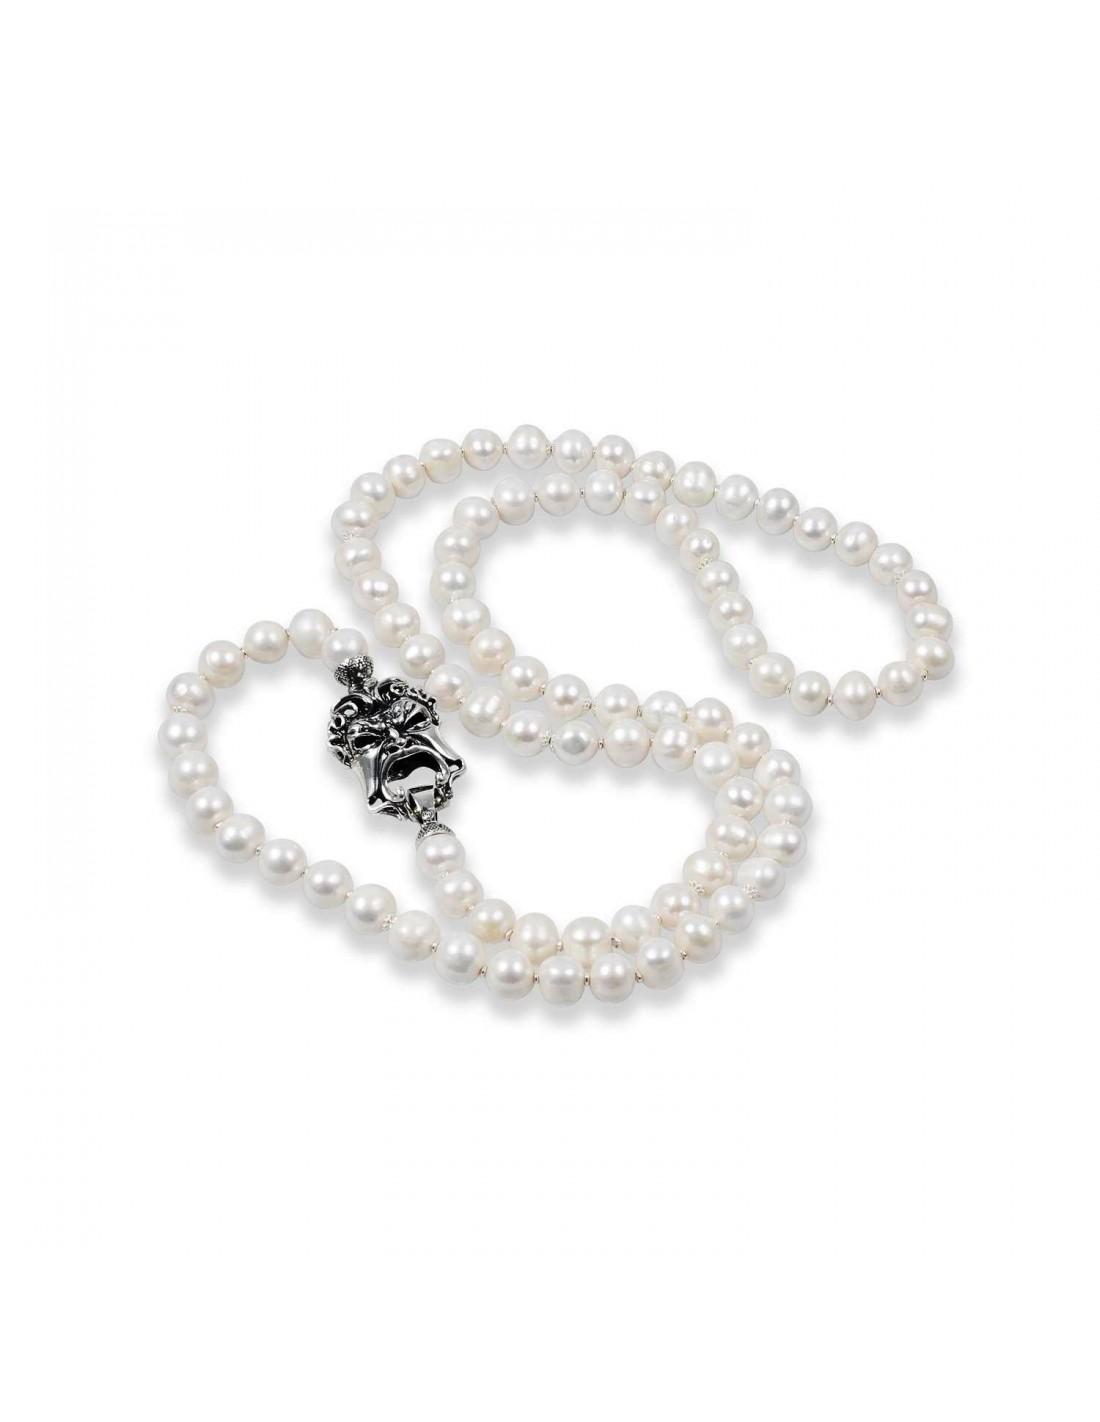 nuovo arrivo 6178f 48230 Gerardo Sacco Collana di perle con maschera in argento 27575B